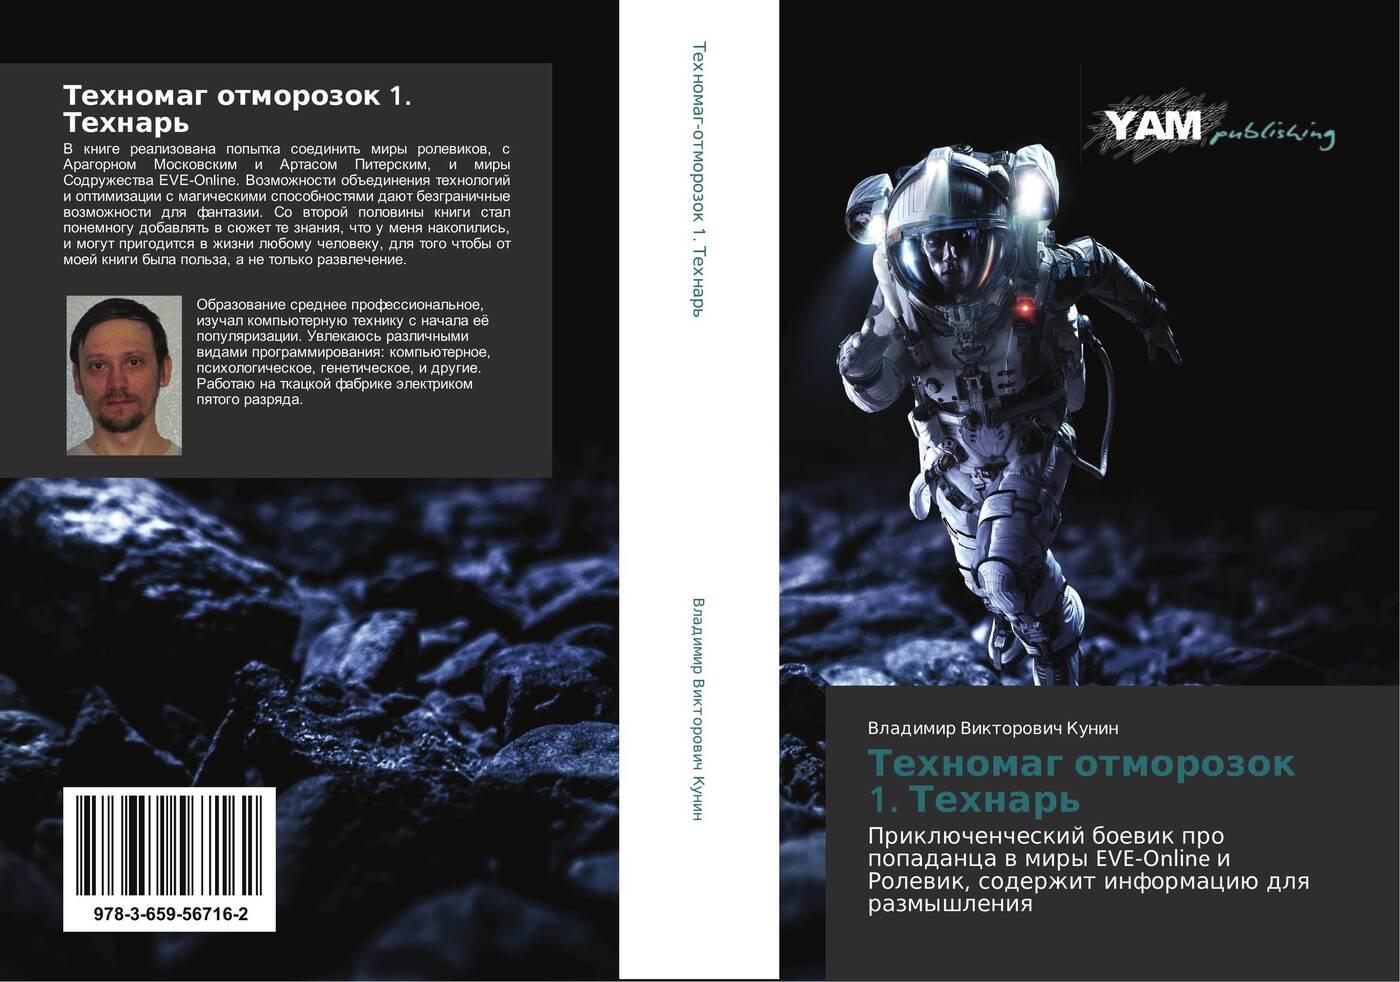 Владимир Викторович Кунин Техномаг отморозок 1. Технарь